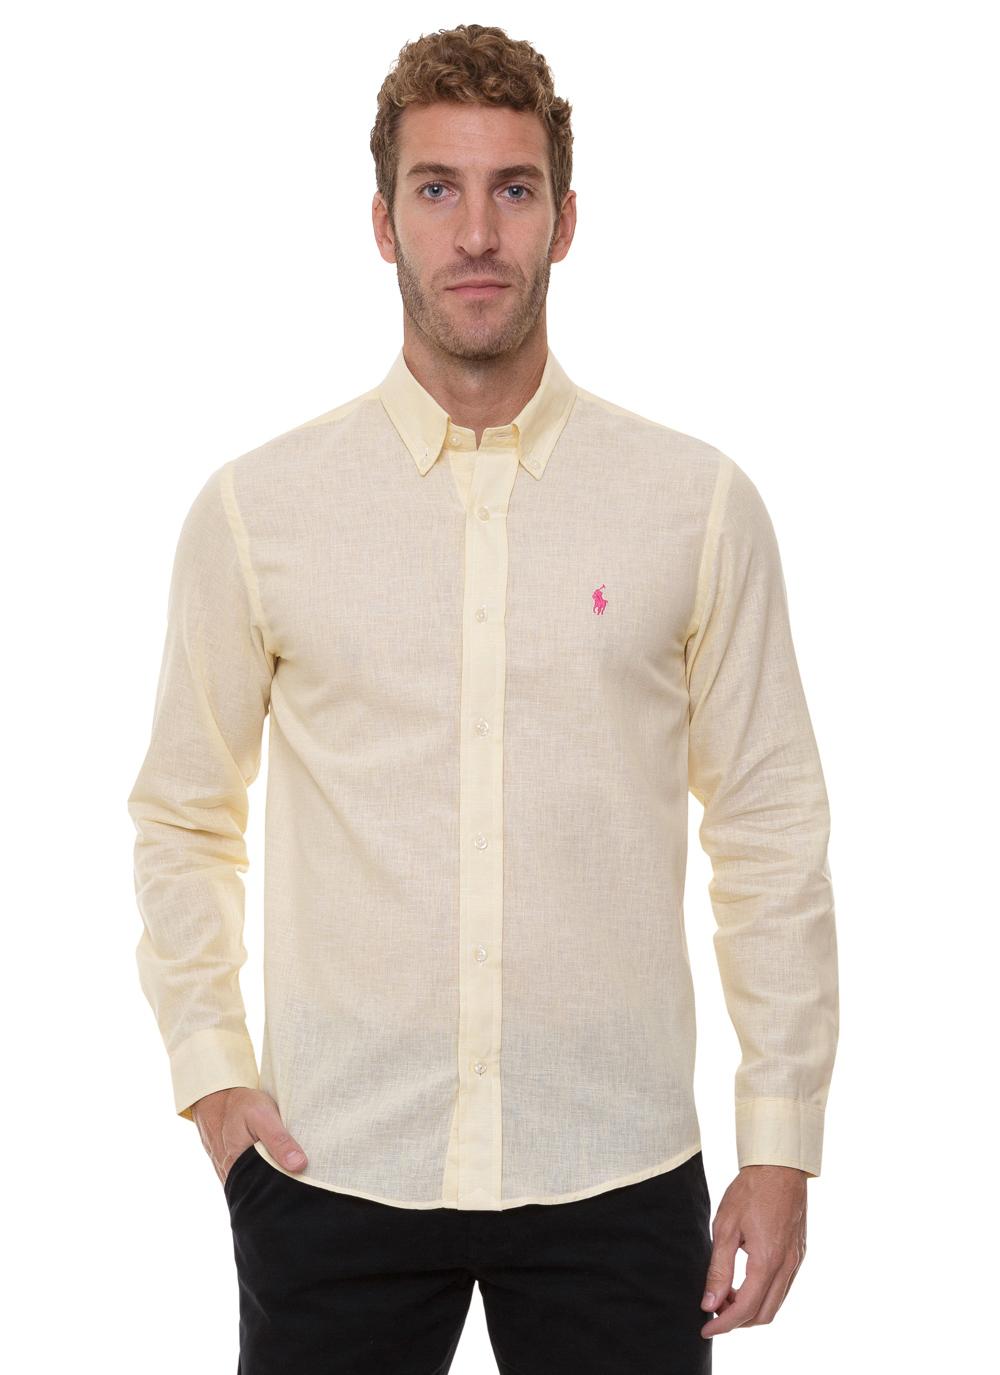 Camisa Ralph Lauren Masculina Custom Fit Lightweight Linho Amarelo